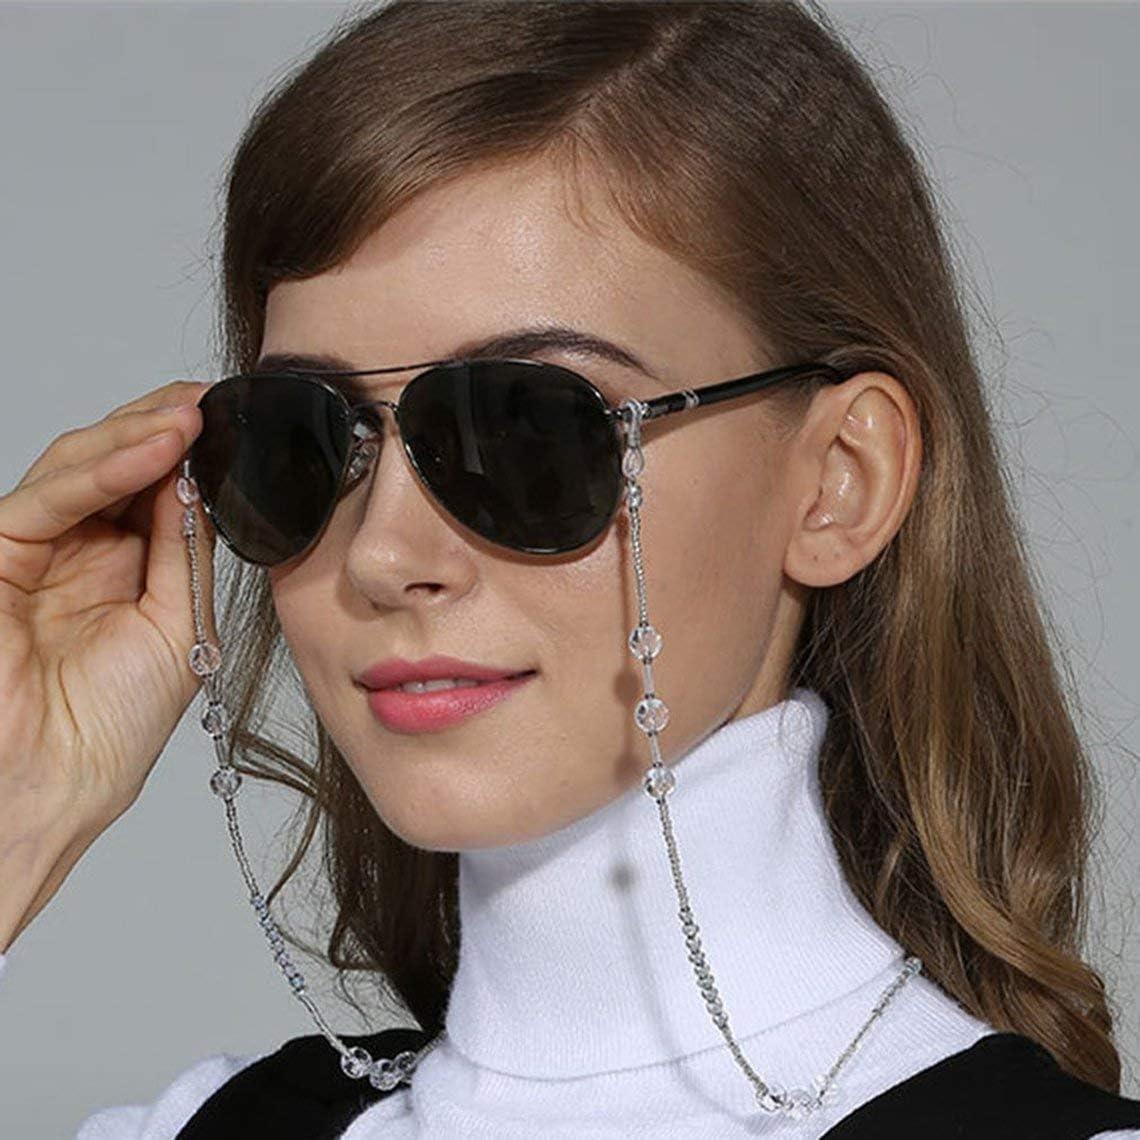 Momorain Dekorative Perlen Sonnenbrille Schnur Brillenhalter Mode Brille Umh/ängeband Brillenketten Brillenschnur Seil